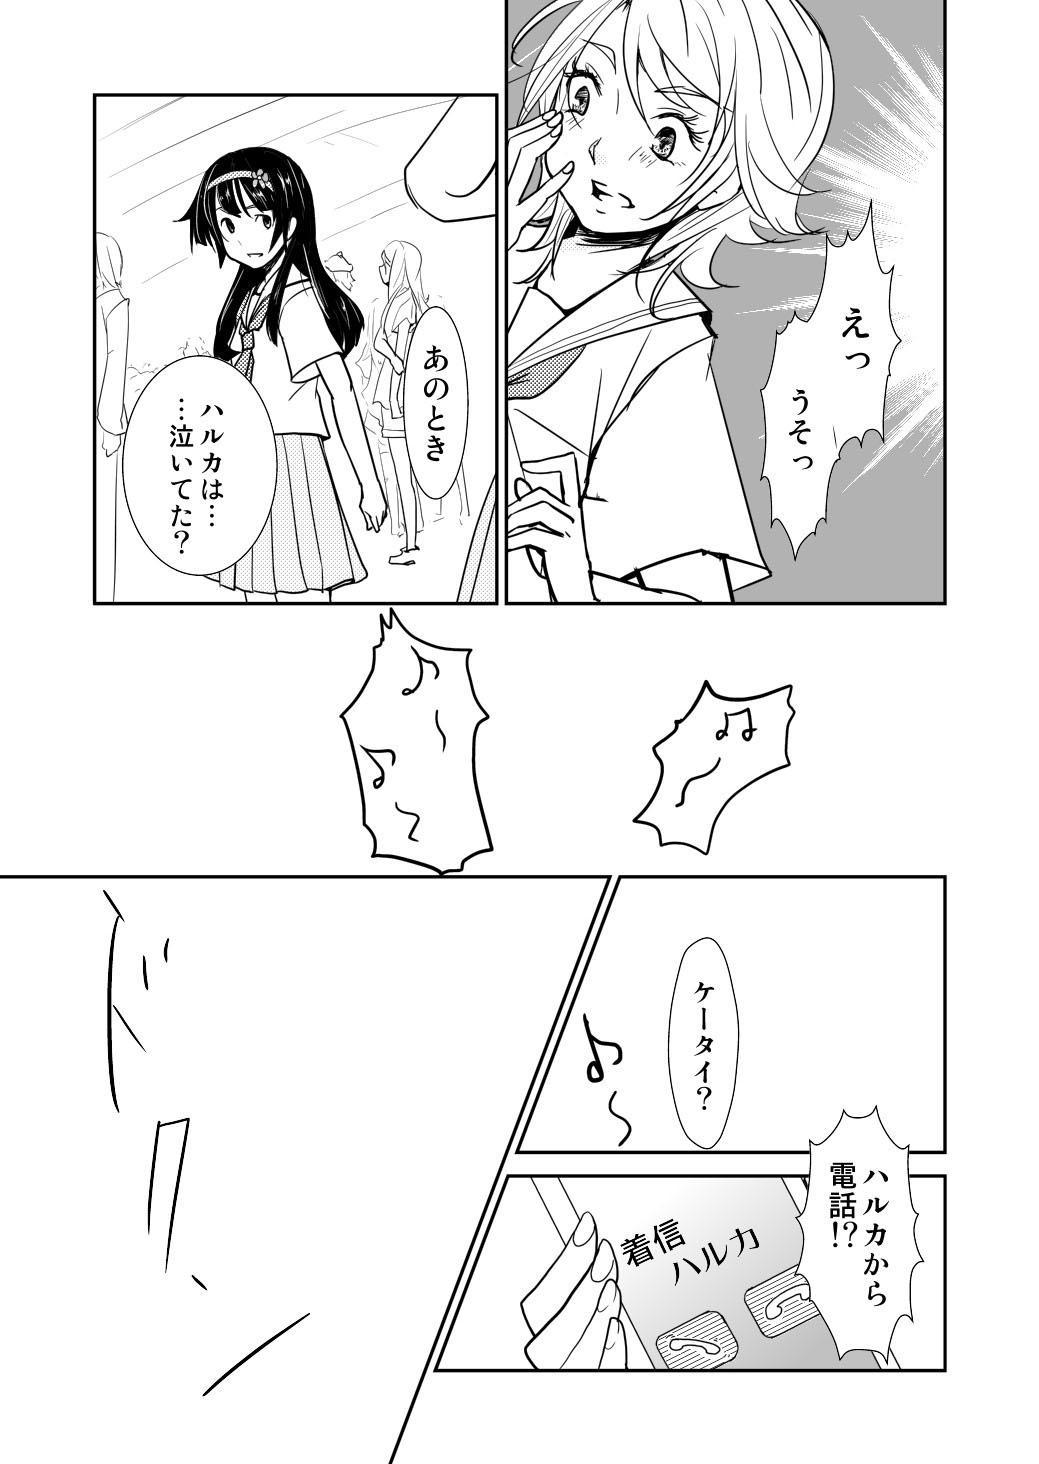 Yakusoku no Sora to Kimigaita Basho 1 ~ 2 25